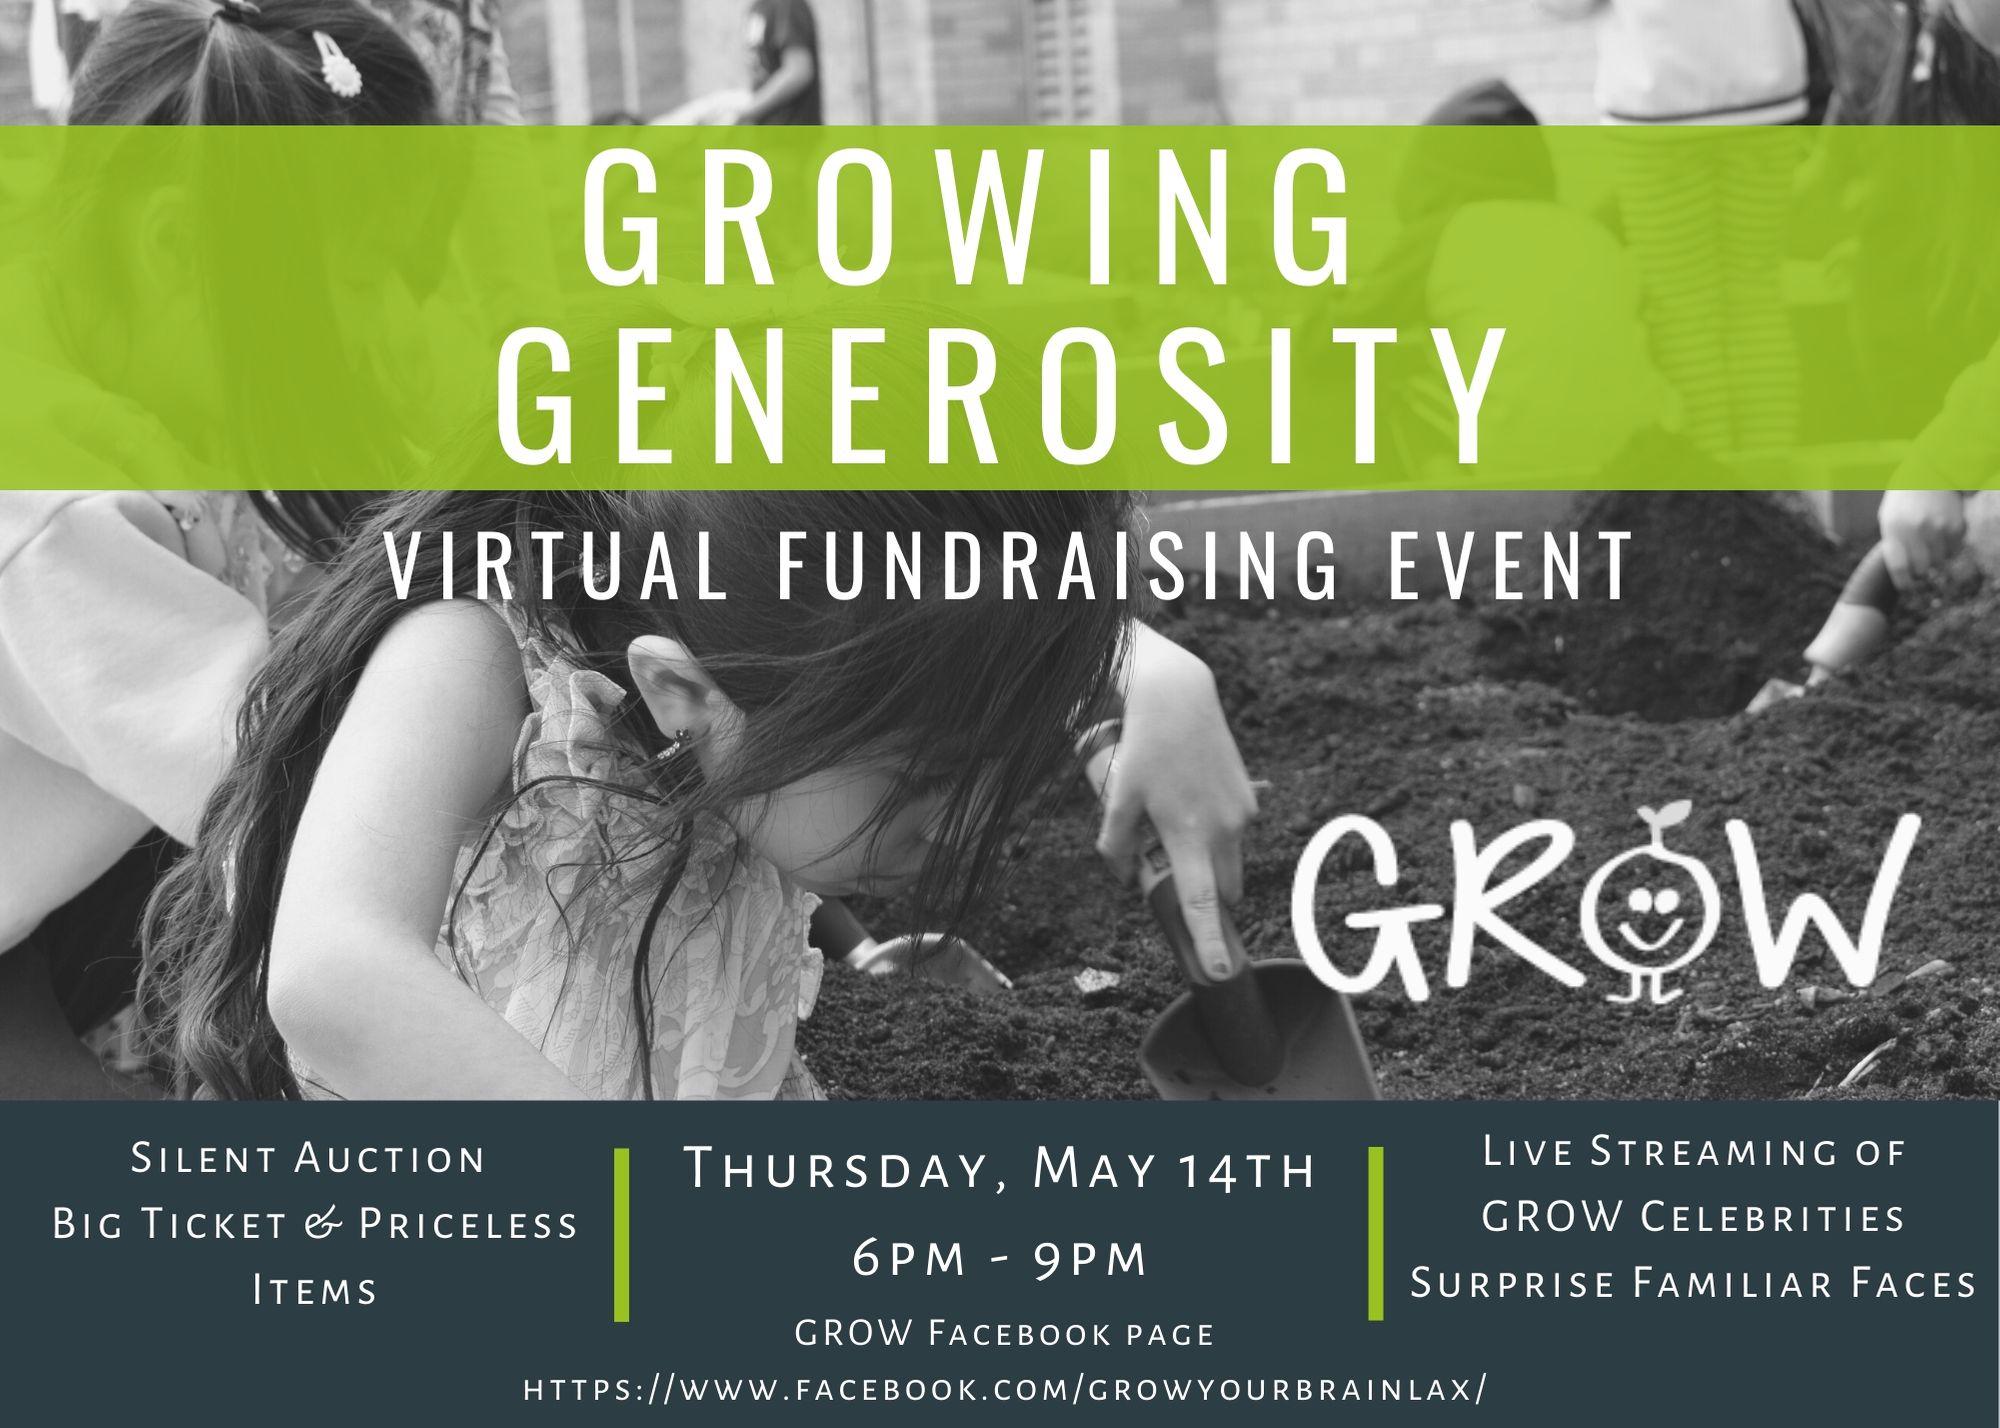 GROWING GENEROSITY (1)